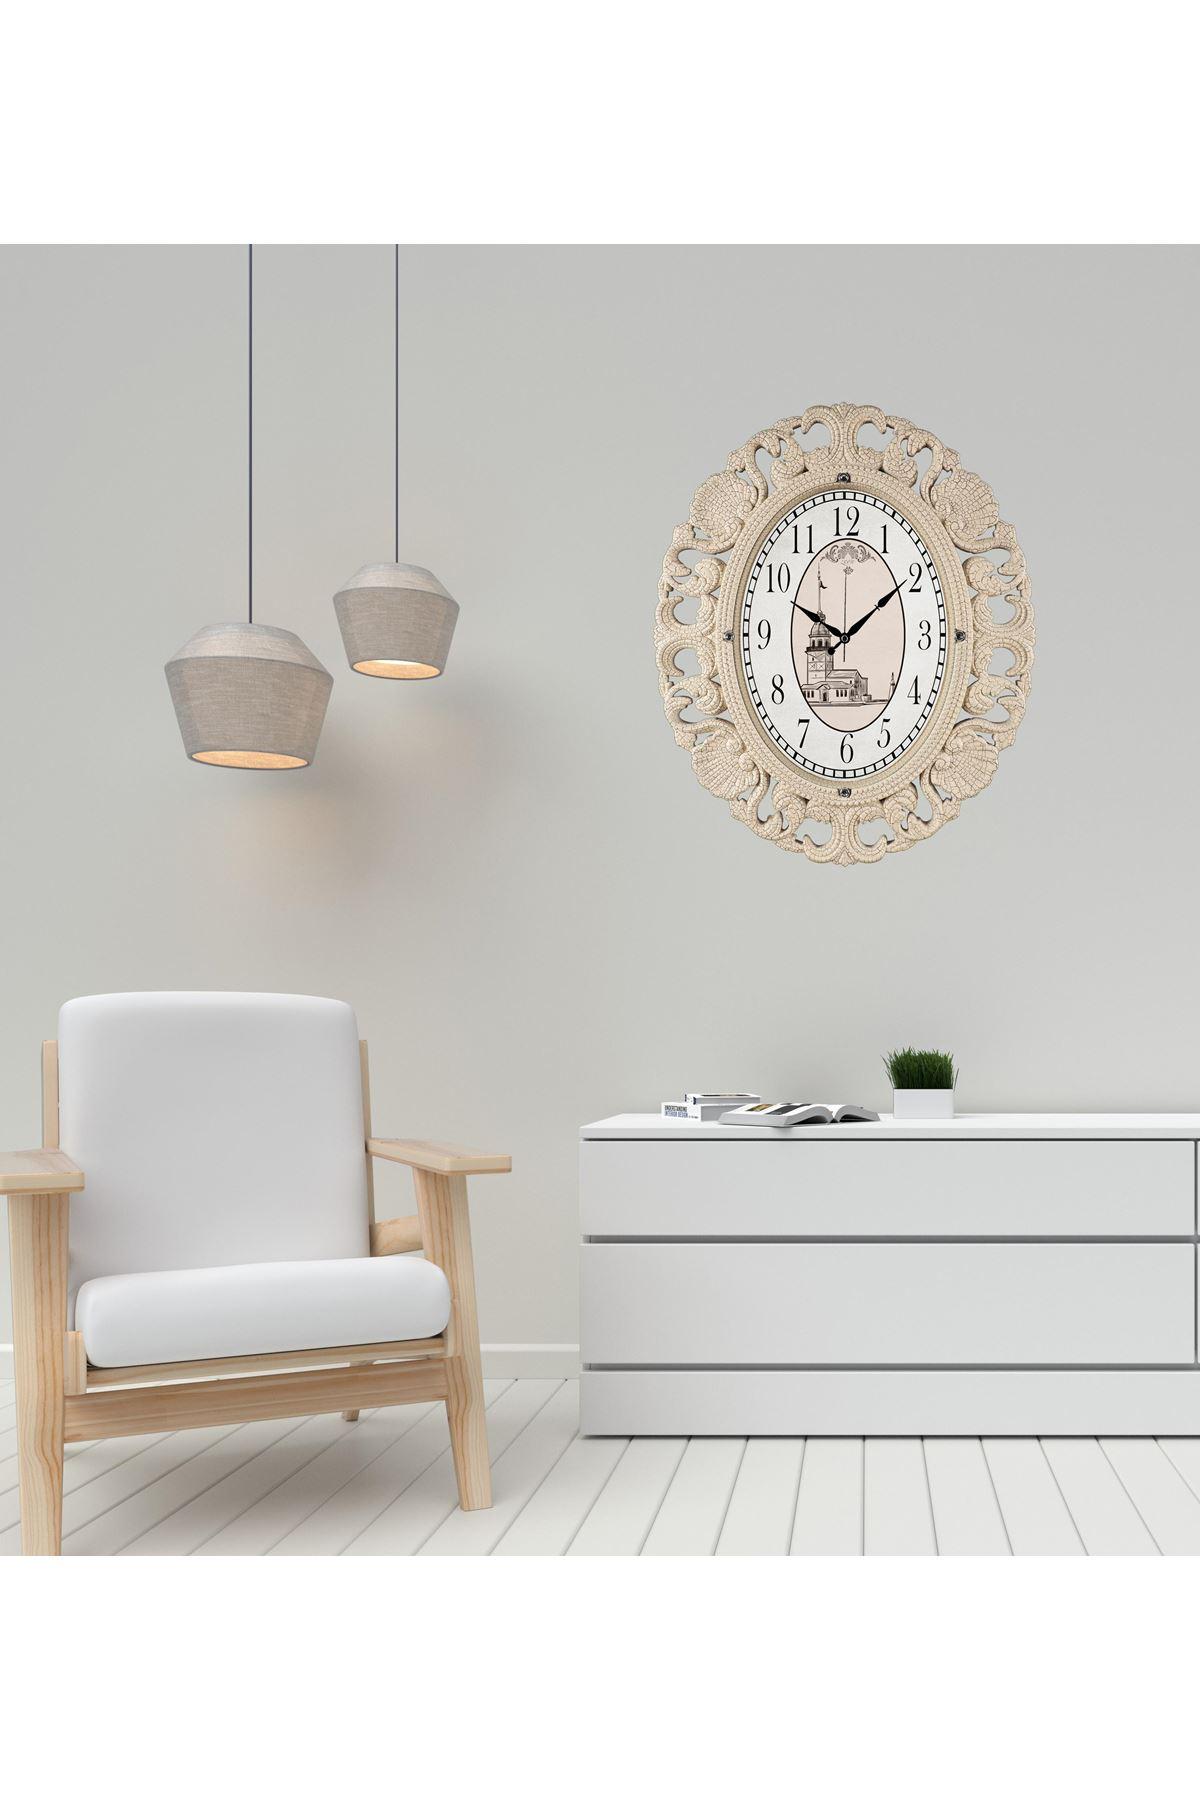 Rikon Büyük Oval Lüx Kız Kulesi Dekoratif Duvar Saati 63X52 Cm